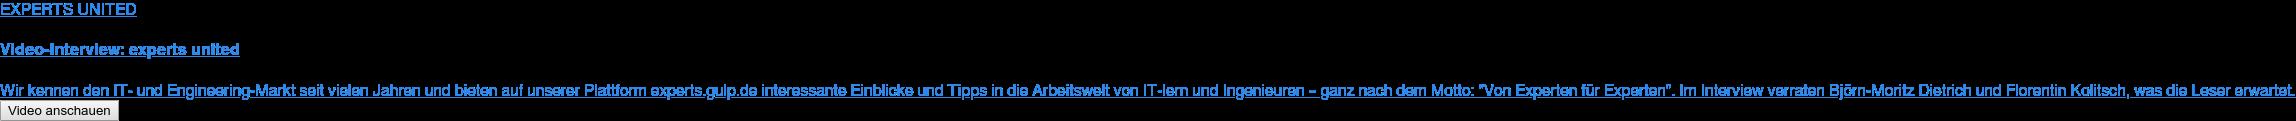 """EXPERTS UNITED  Video-Interview: experts united  Wir kennen den IT- und Engineering-Markt seit vielen Jahren und bieten auf  unserer Plattform experts.gulp.de interessante Einblicke und Tipps in die  Arbeitswelt von IT-lern und Ingenieuren – ganz nach dem Motto: """"Von Experten  für Experten"""". Im Interview verraten Björn-Moritz Dietrich und Florentin  Kolitsch, was die Leser erwartet. Video anschauen"""